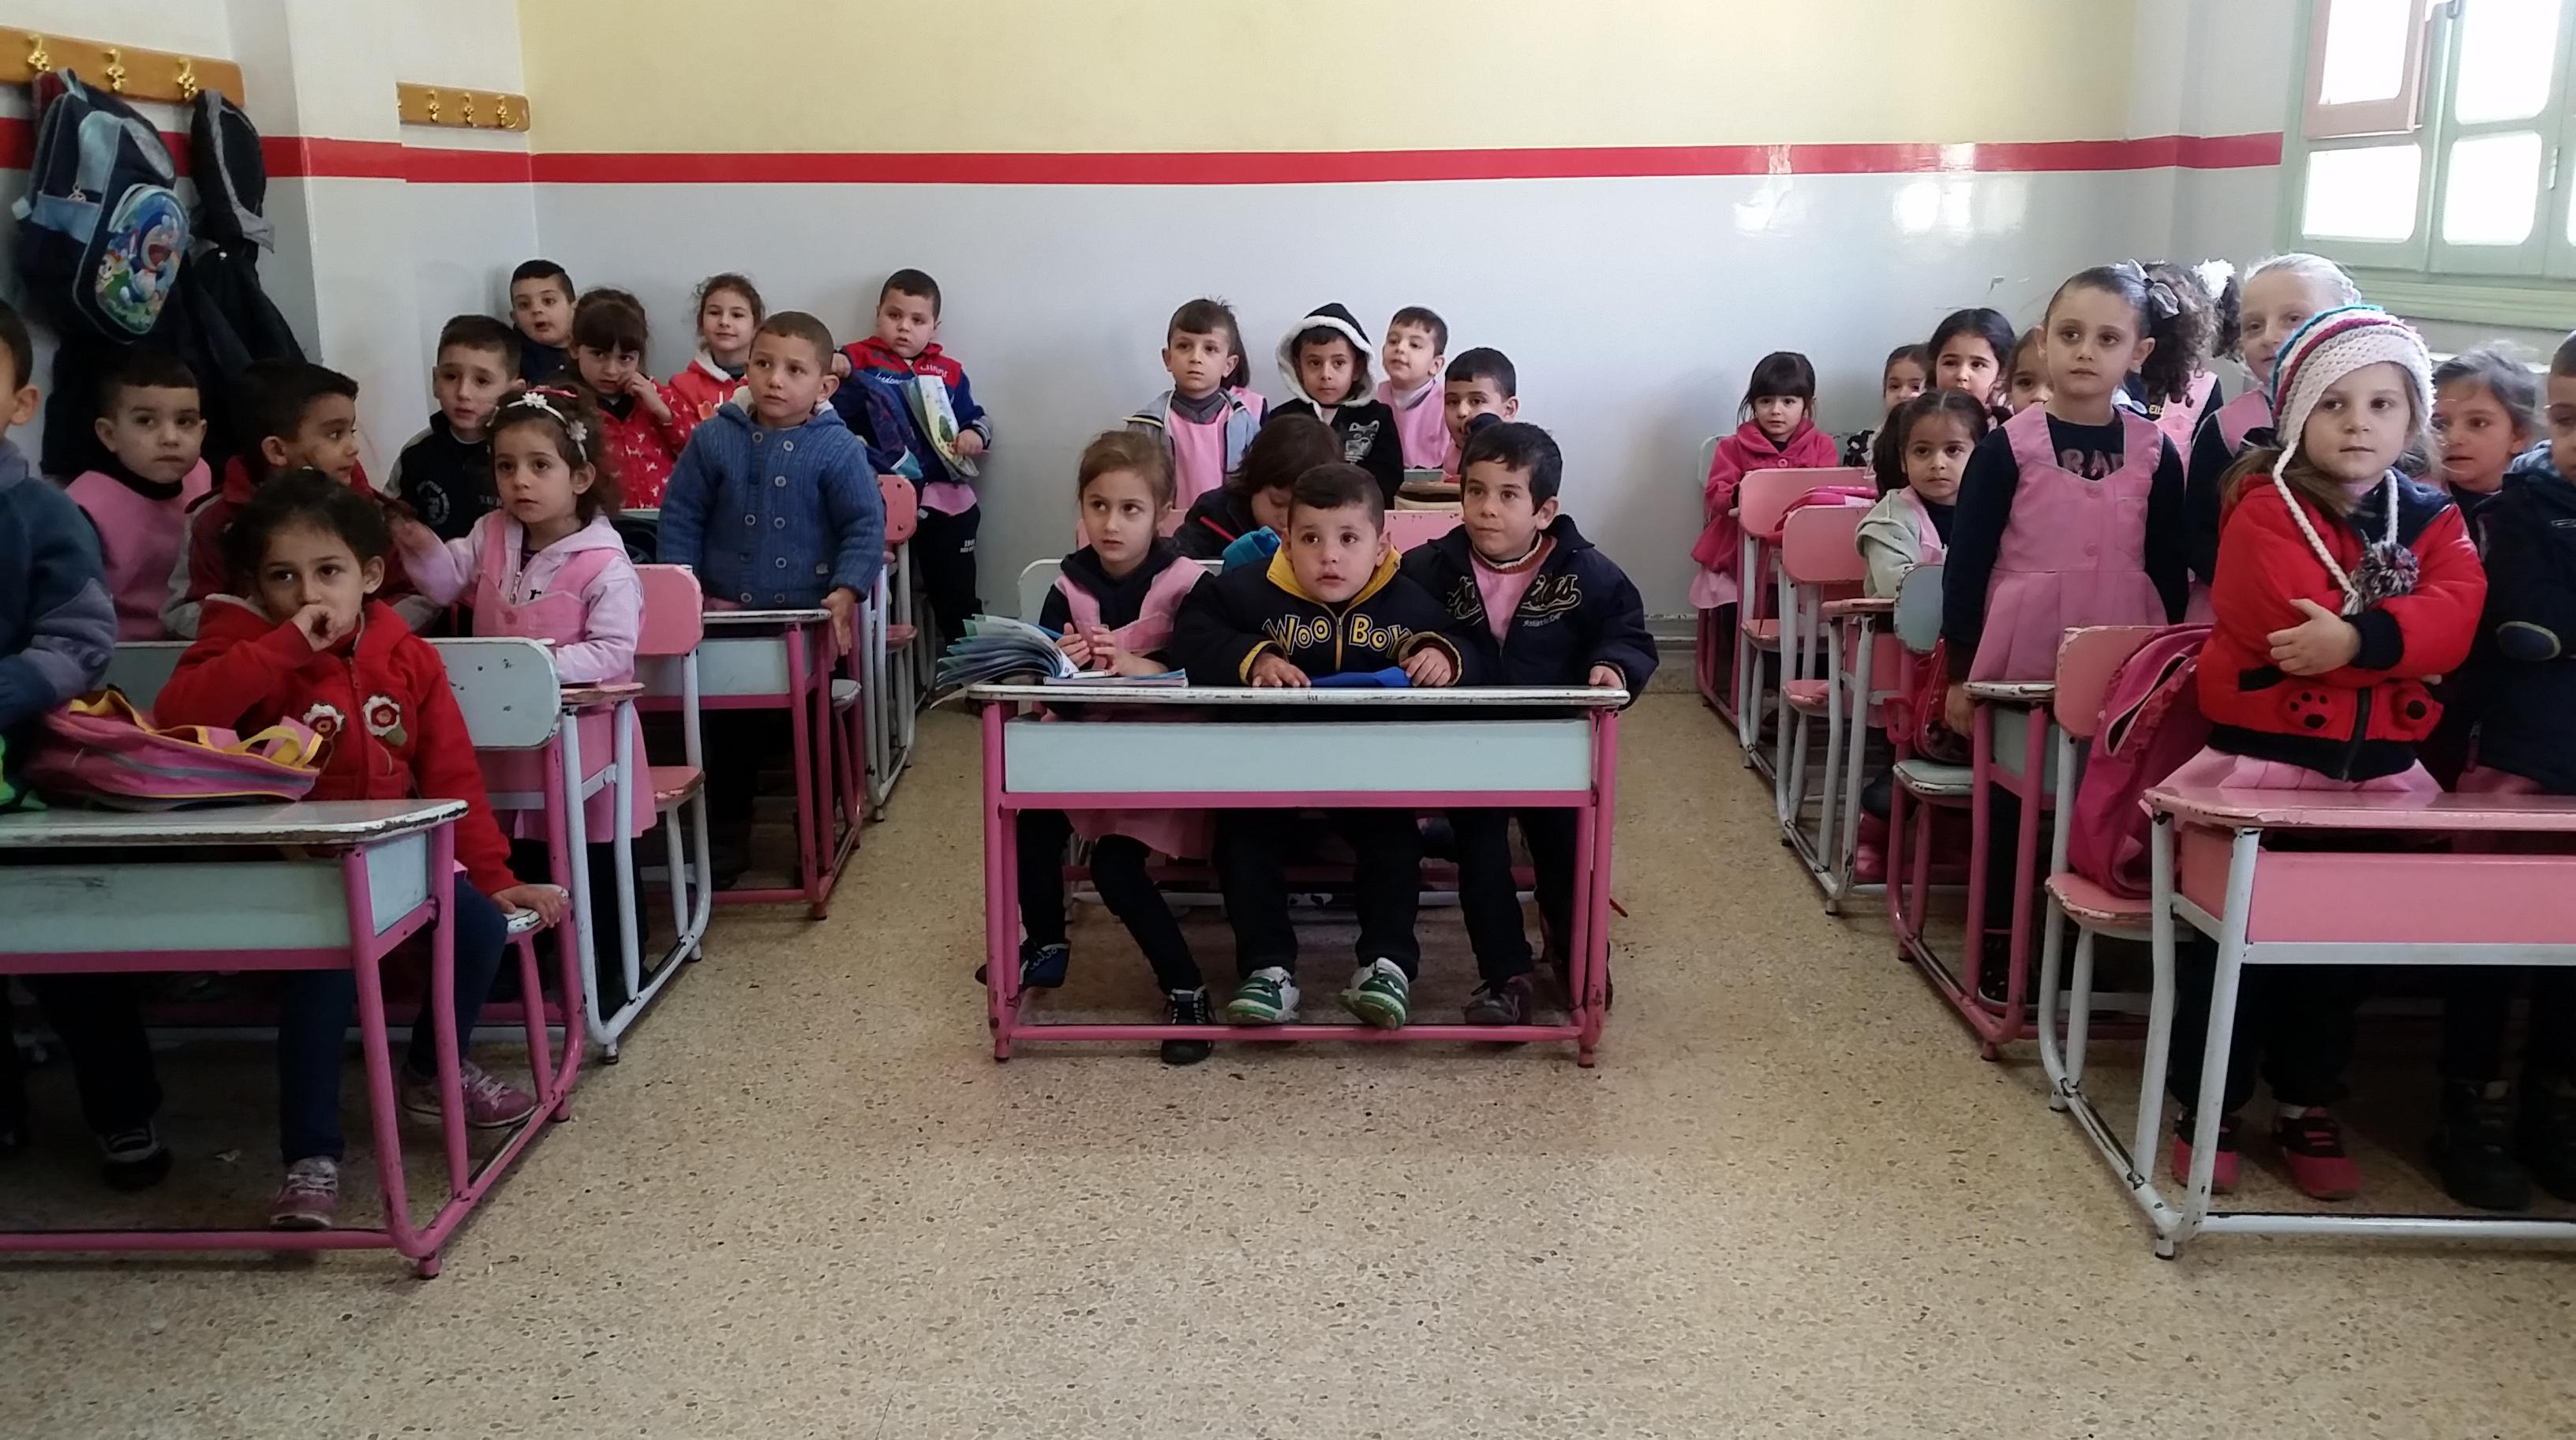 Les enfants de la petite école de Mhardeh © Alexandre Meyer